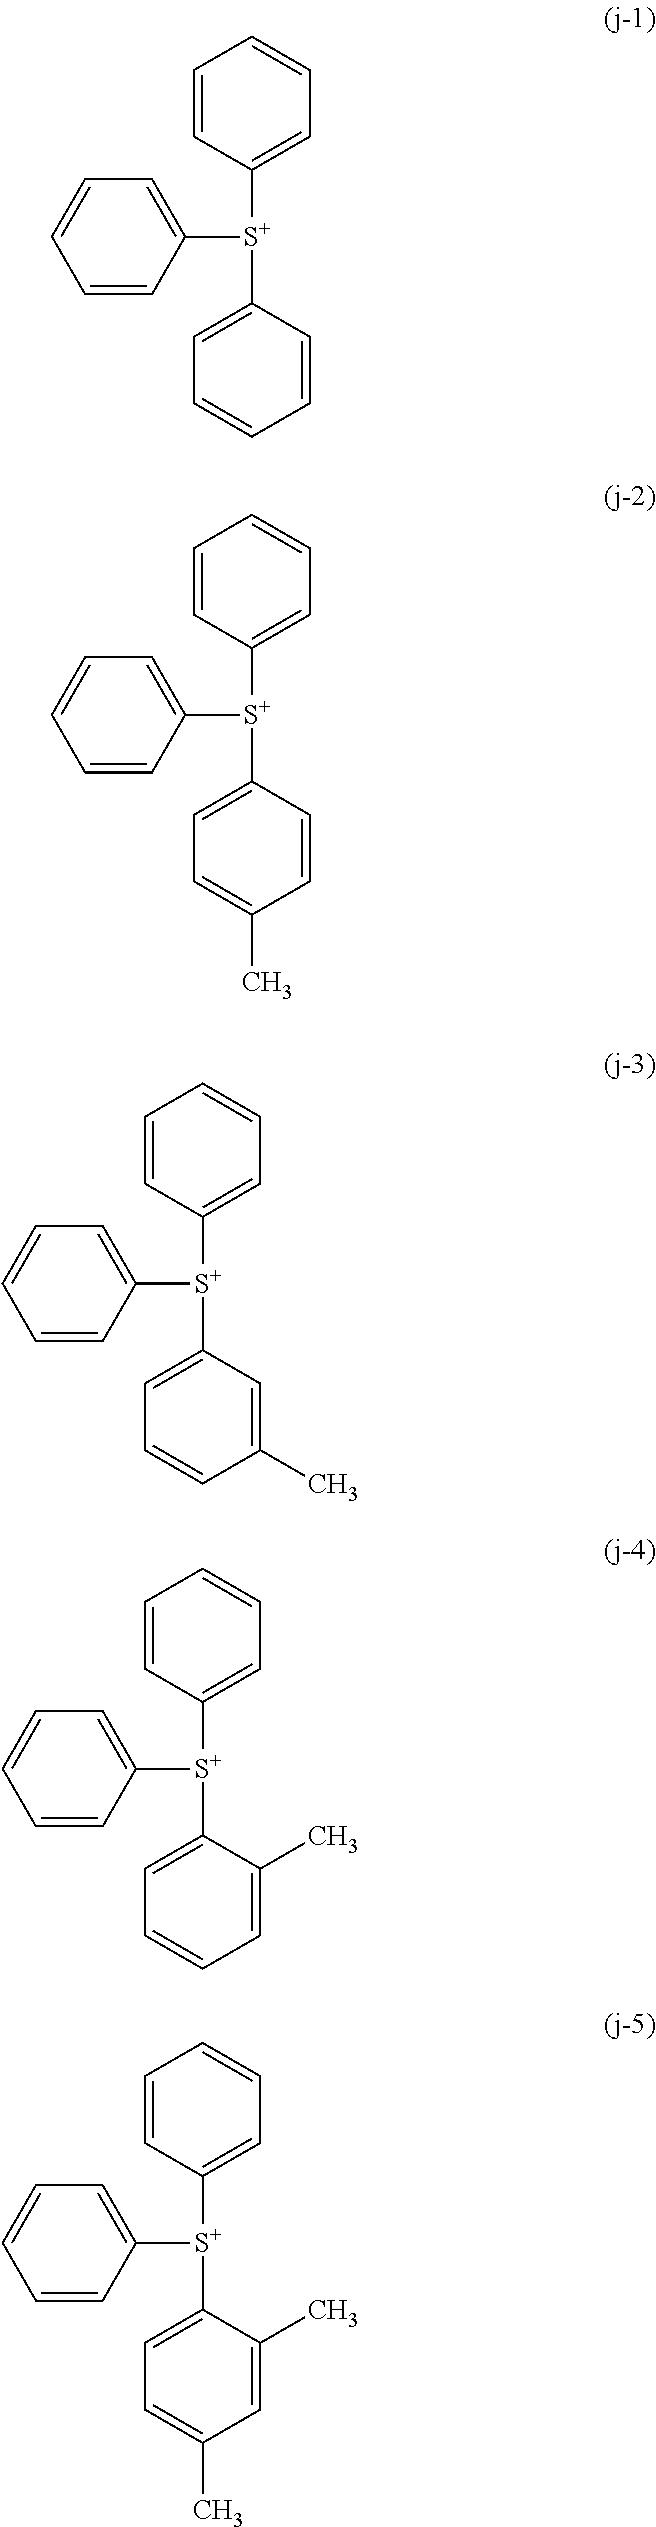 Figure US08507575-20130813-C00018